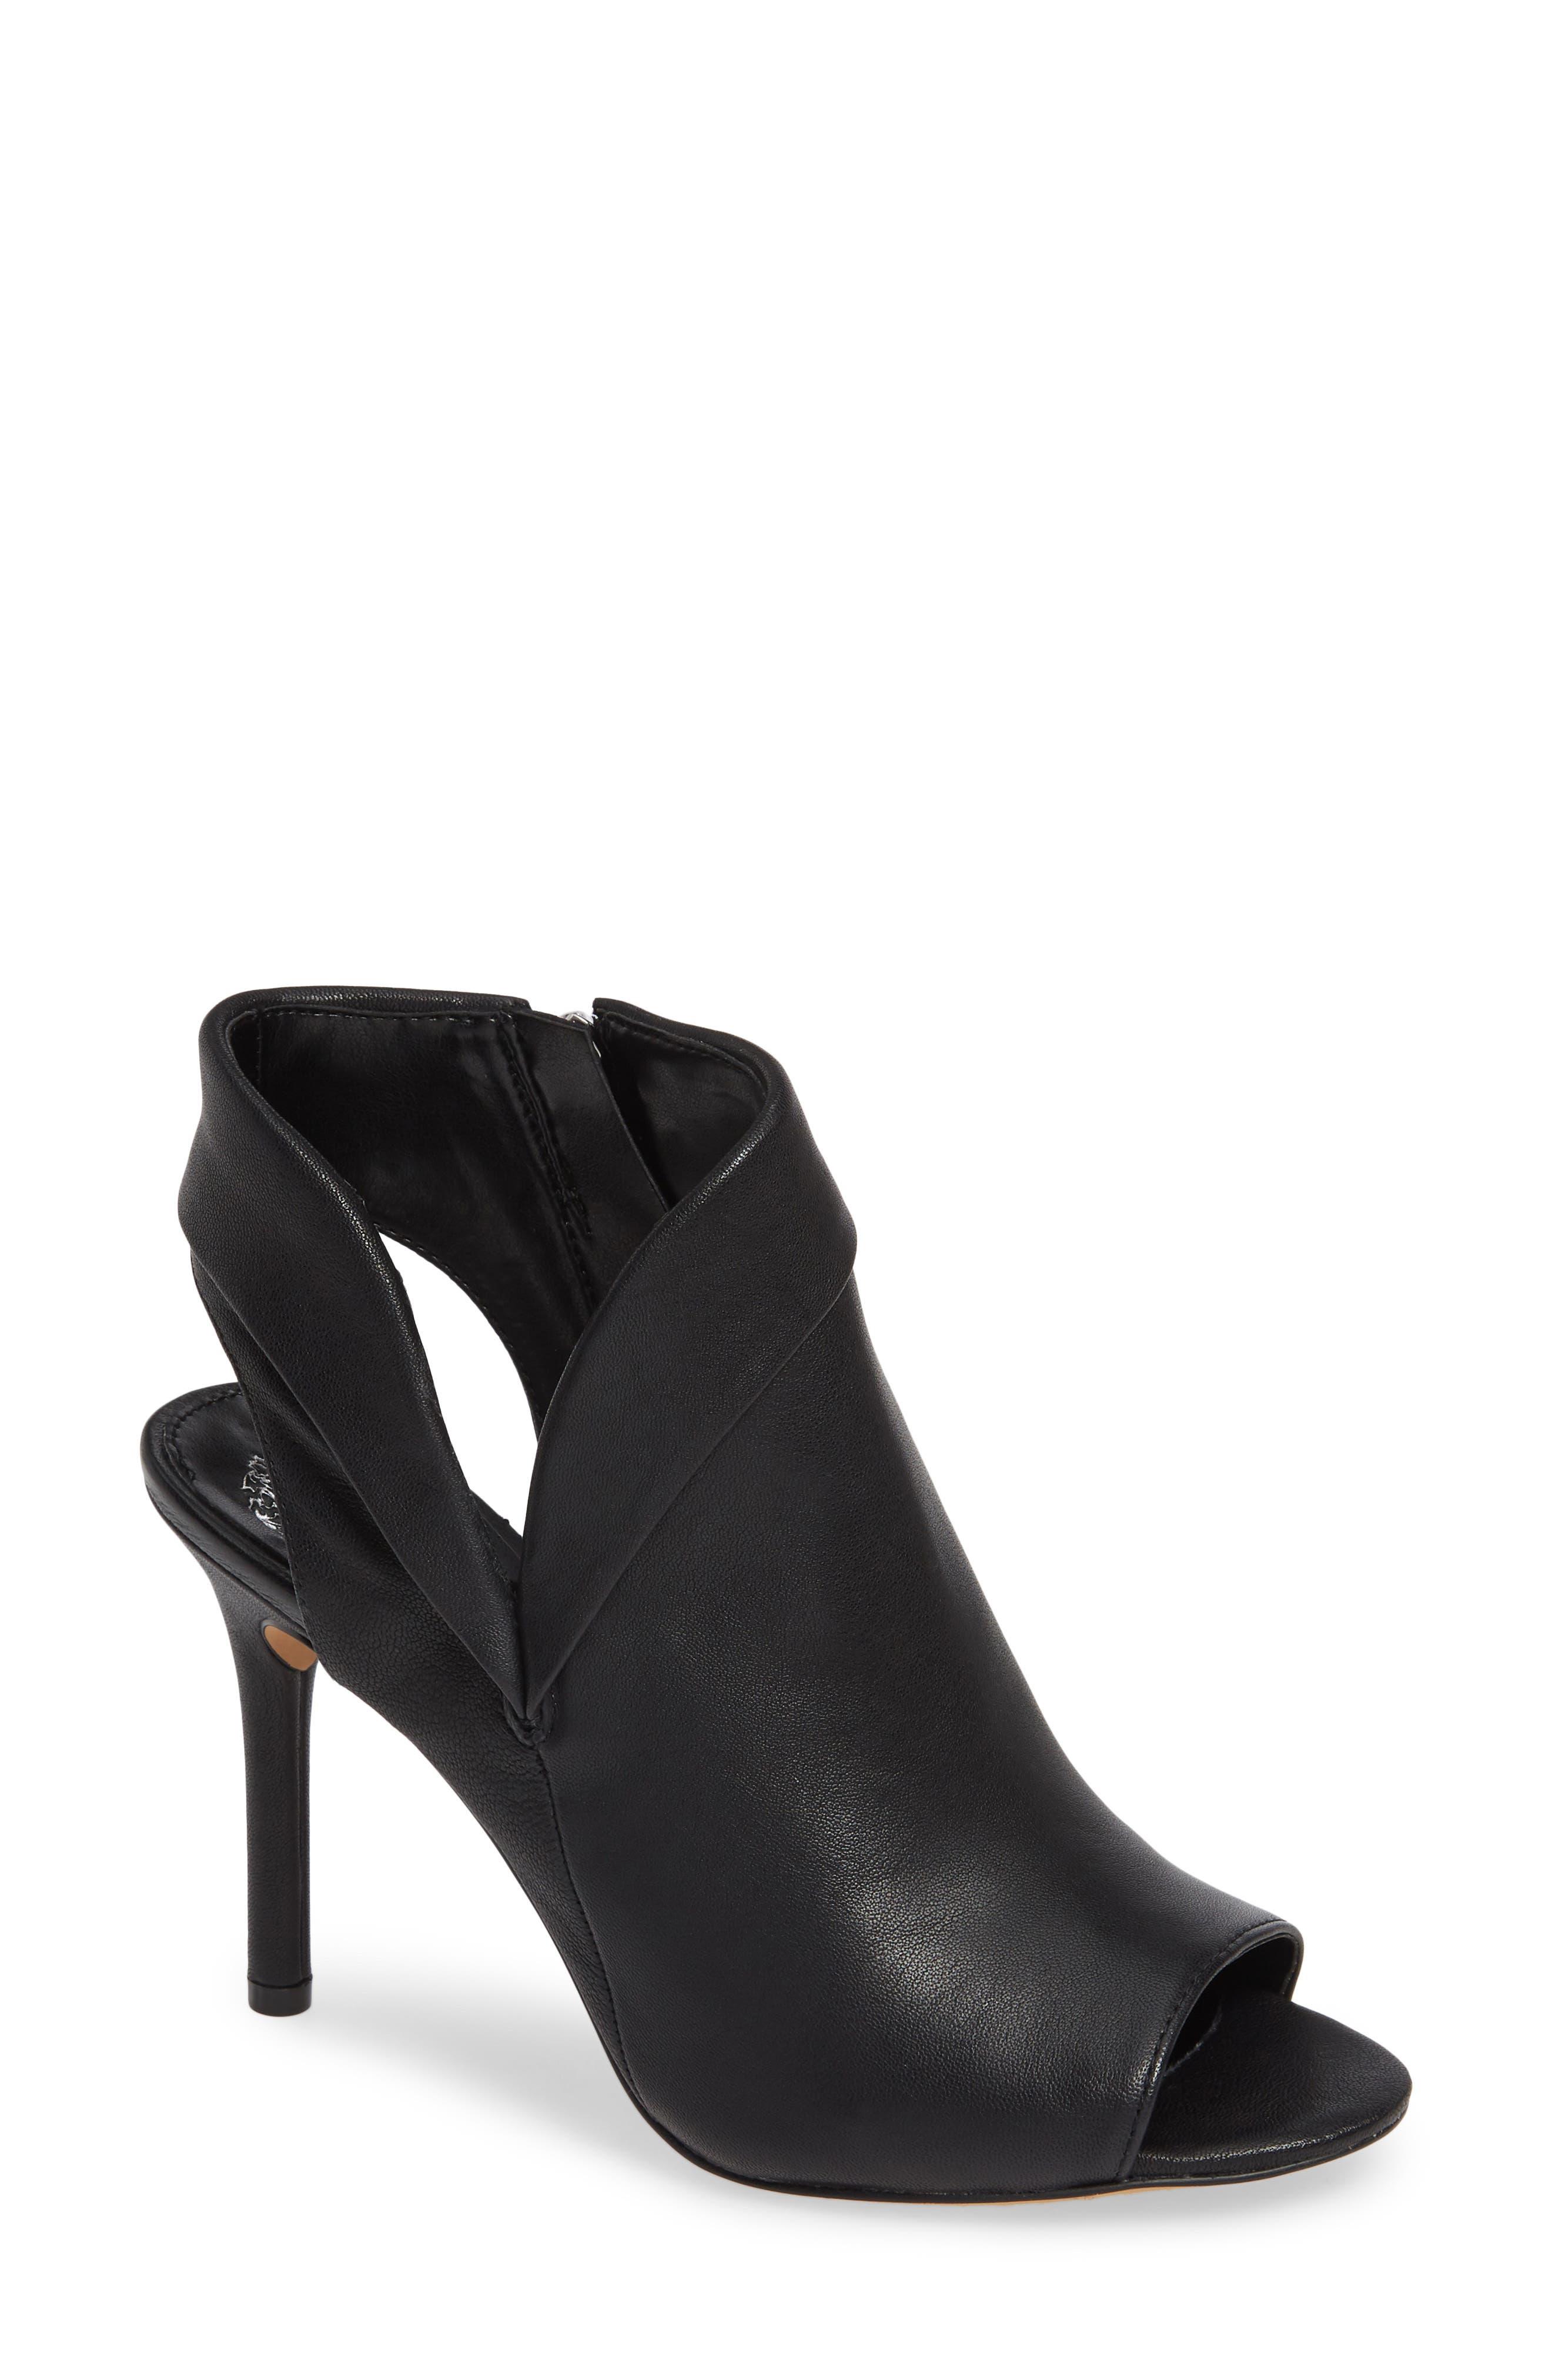 Cholia Asymmetrical Sandal Bootie, Main, color, BLACK LEATHER